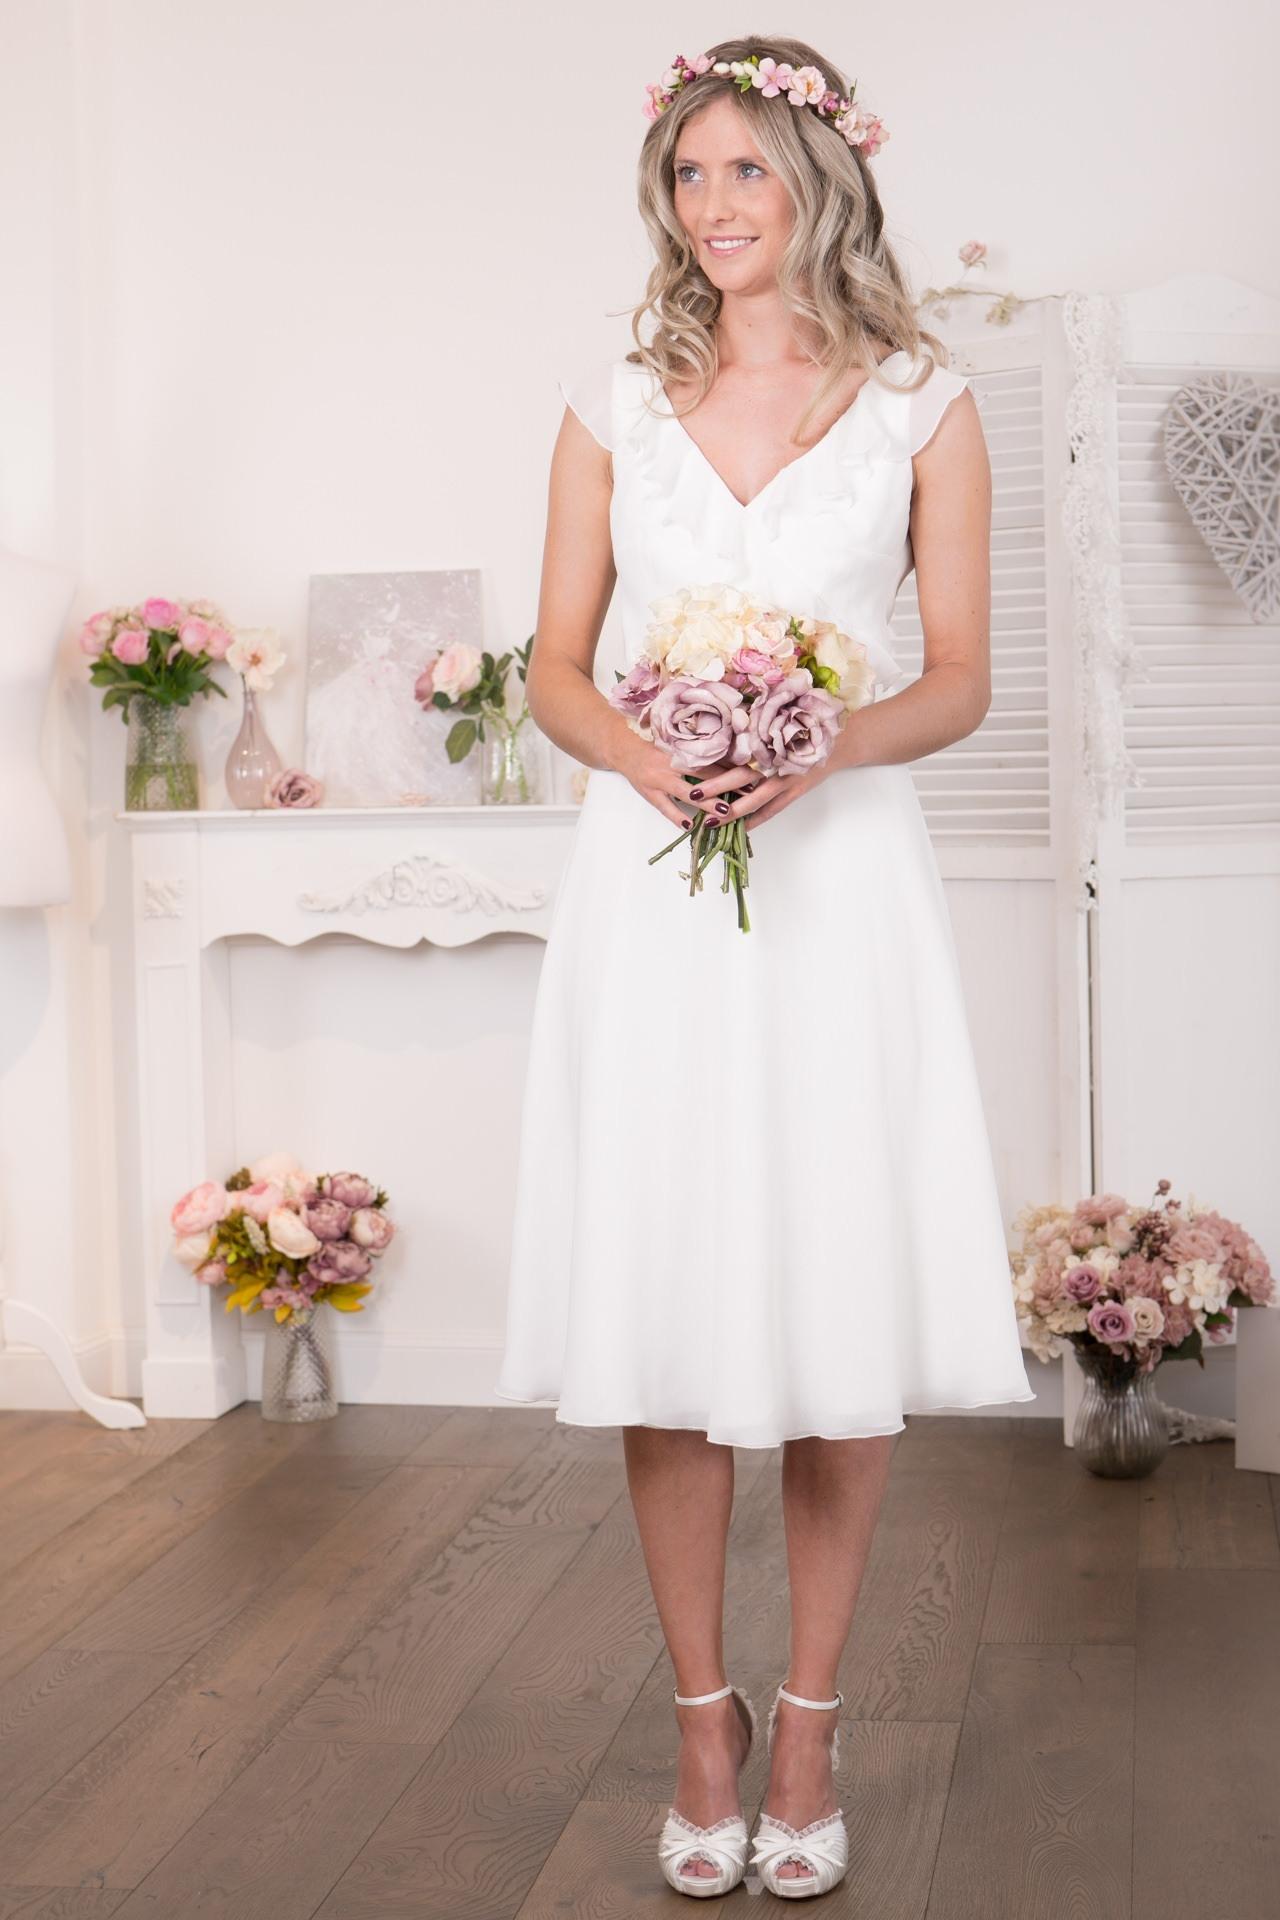 20 Spektakulär Kleid Für Standesamt Bester PreisAbend Elegant Kleid Für Standesamt Galerie